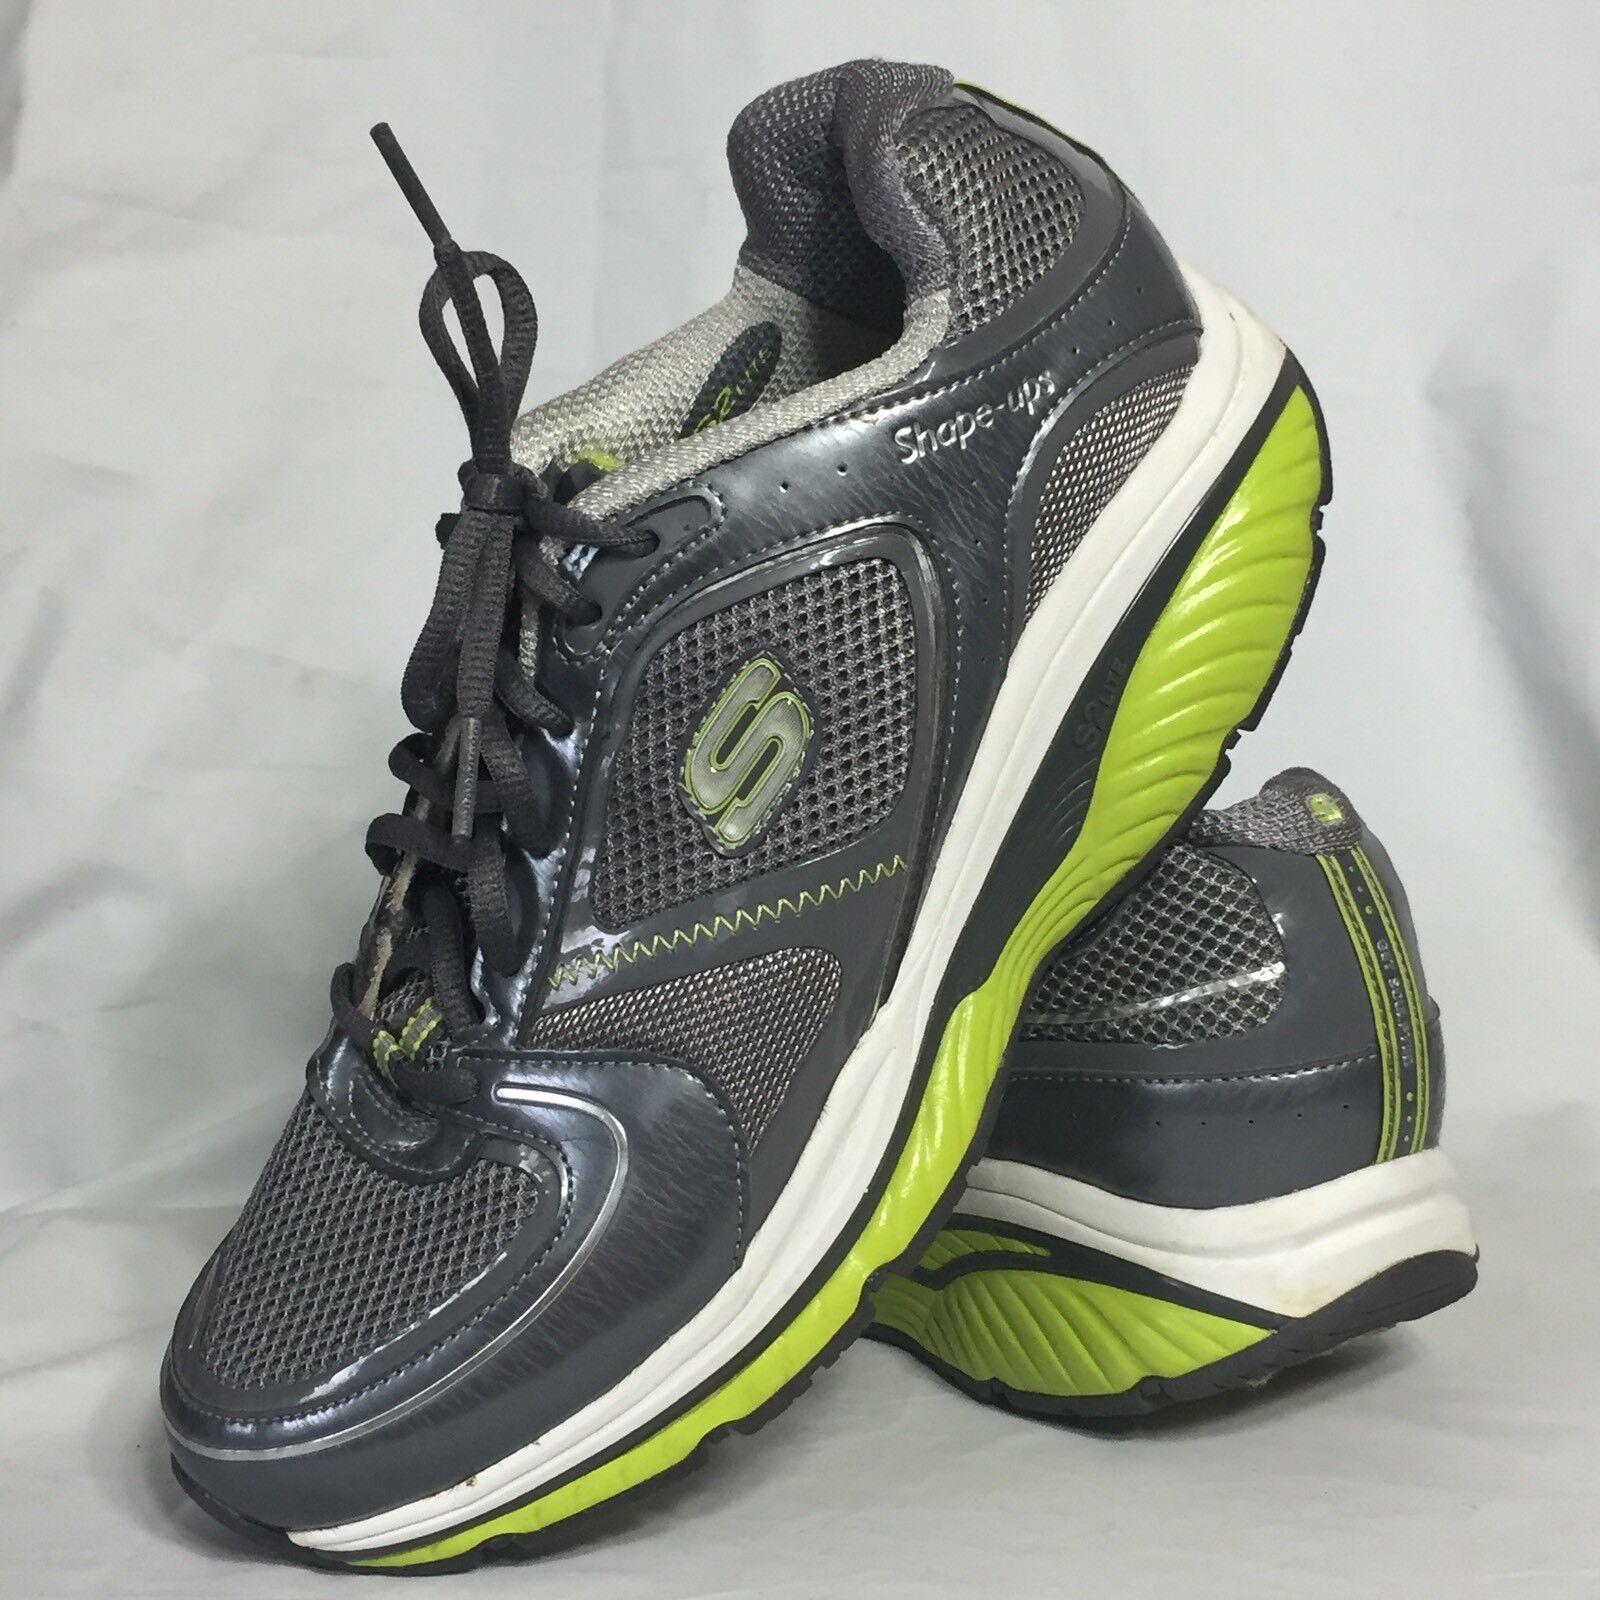 Skechers Shape Ups S2 Lite Größe 9.5 Gray Green Rocker Toning Walking Sneakers